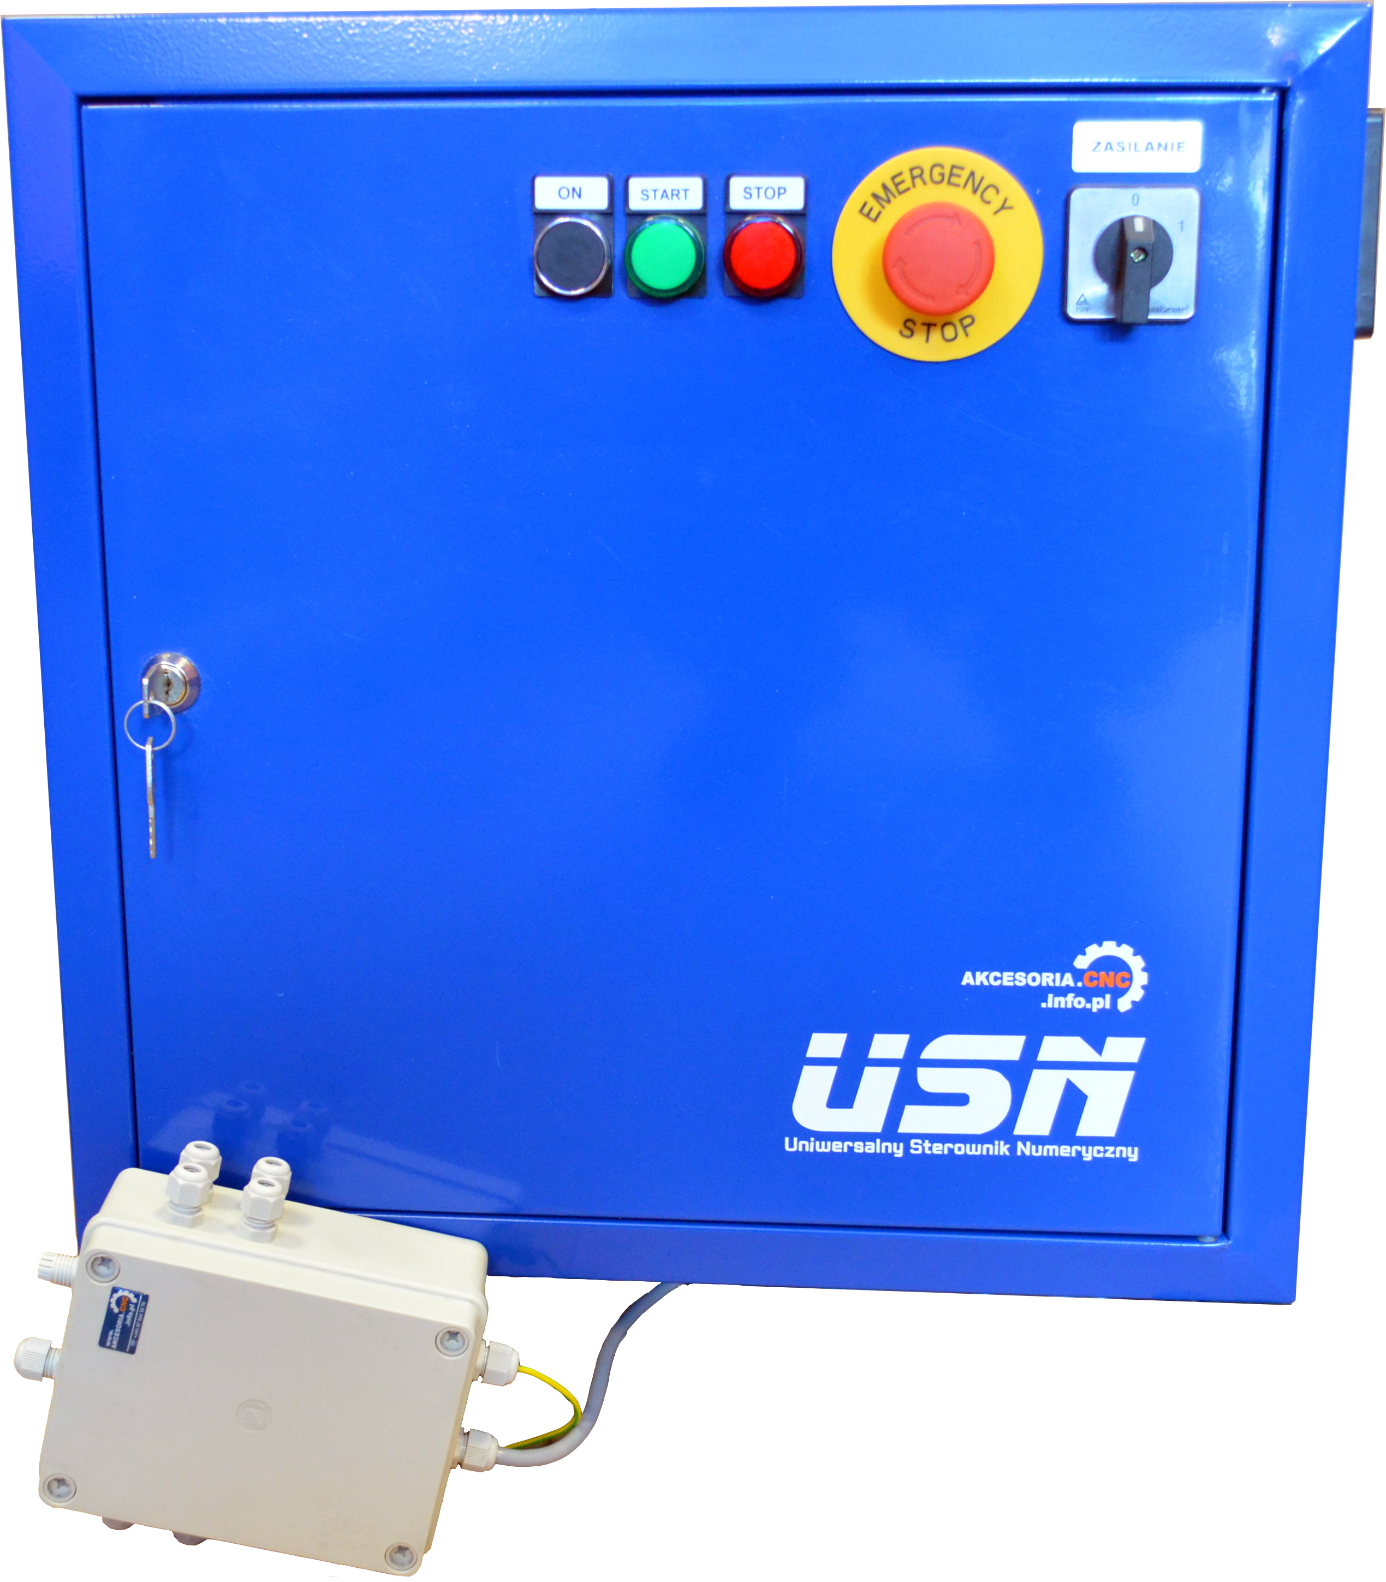 Uniwersalny sterownik numeryczny USN-THC-4DE808